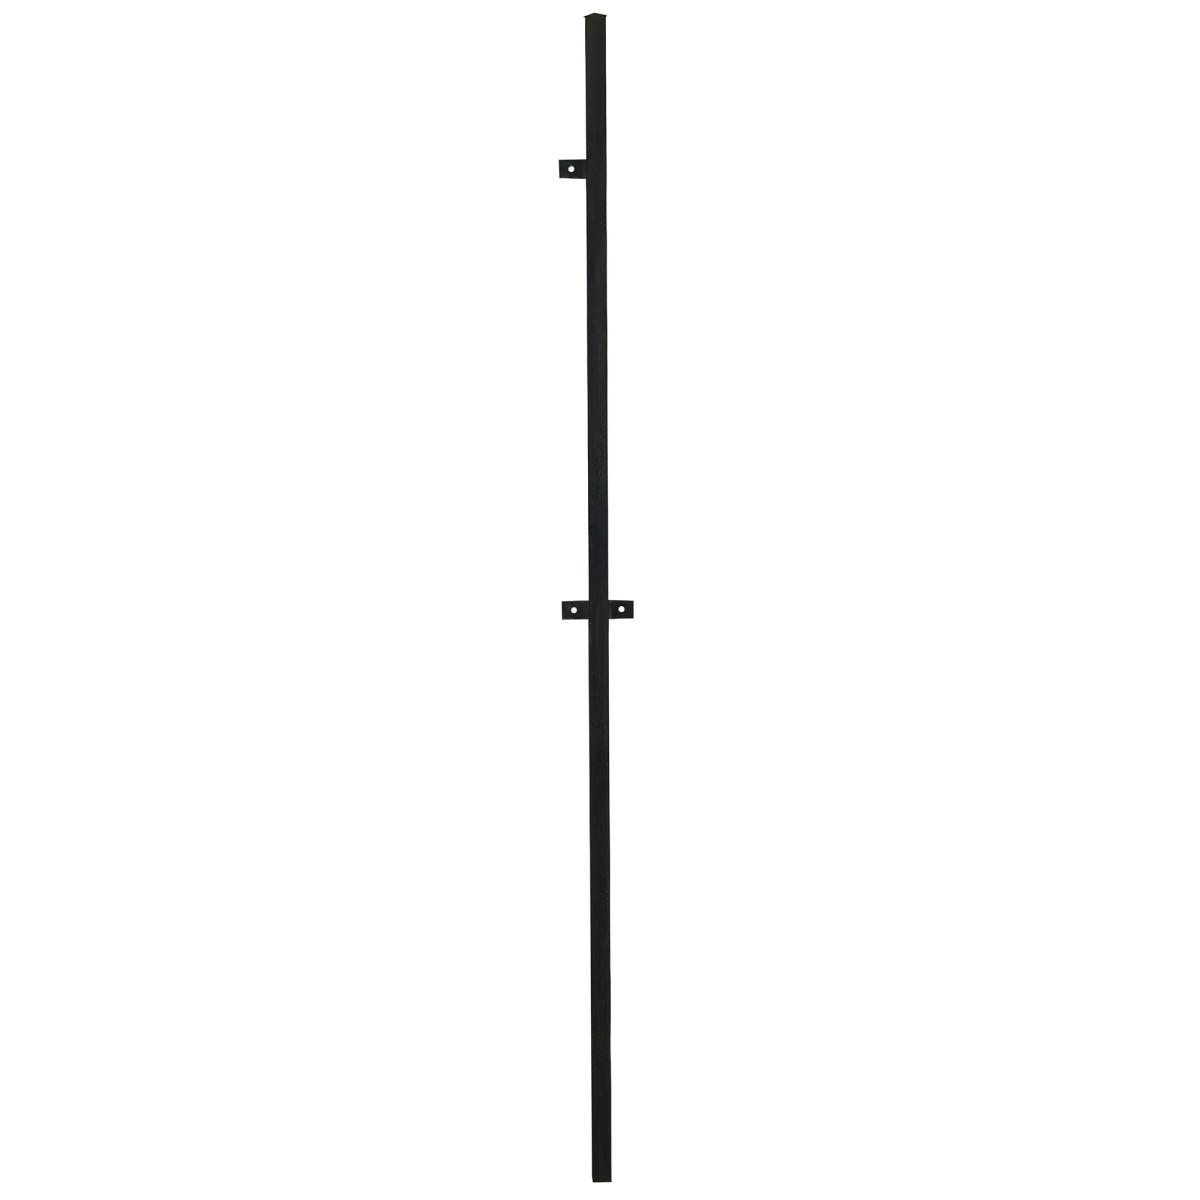 Столб для забора с планкой (ушами) высота 2.4 м 40х40 цвет черный